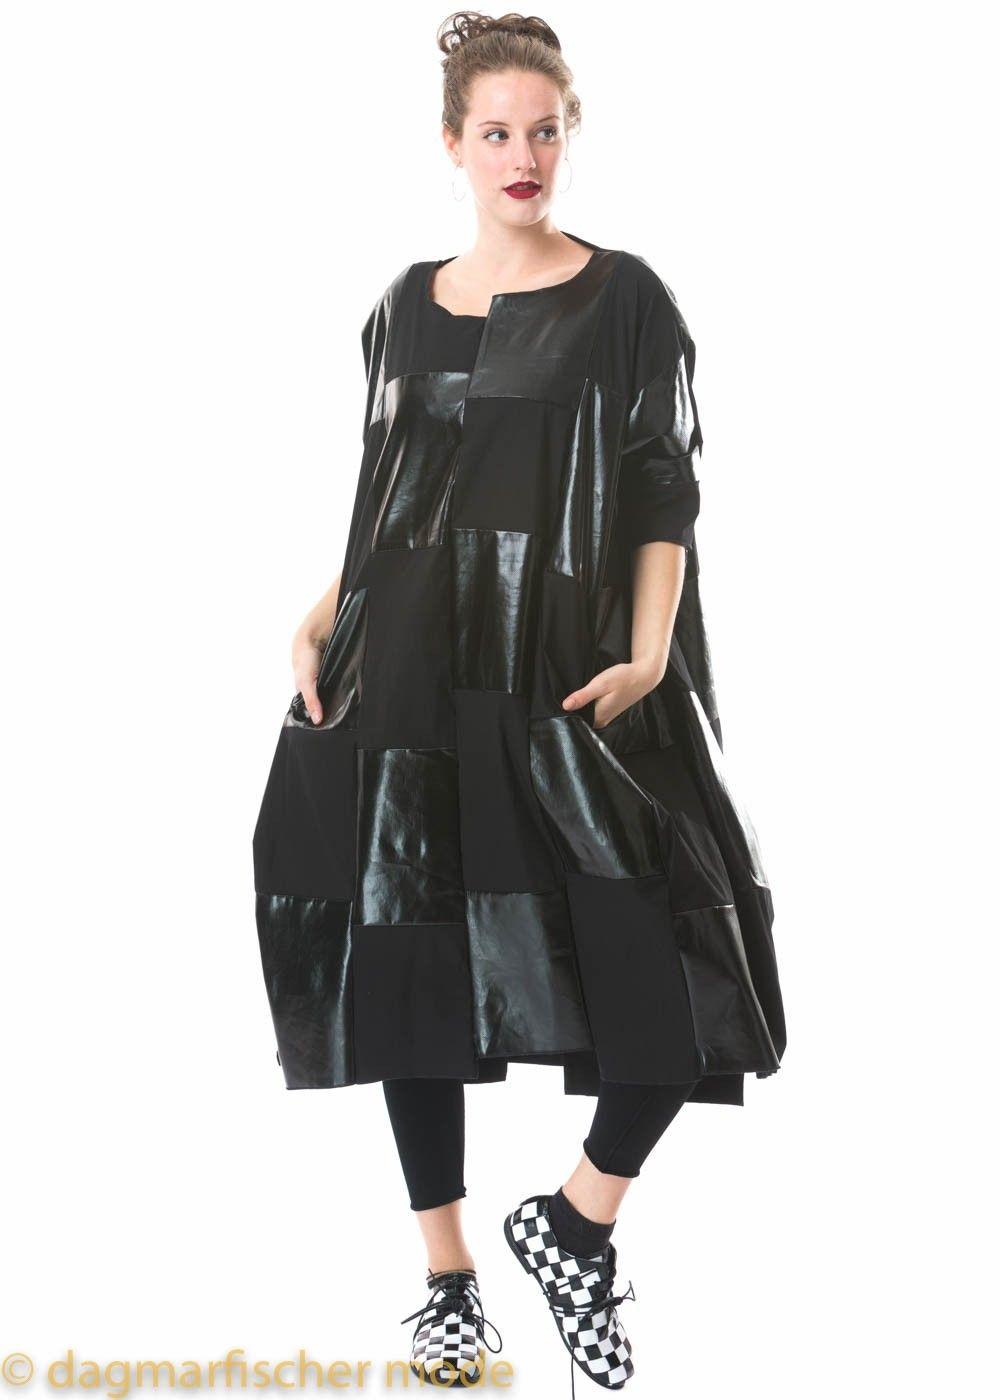 20c2944a7521bf Onesize Kleid aus Stretchware von RUNDHOLZ - dagmarfischer mode